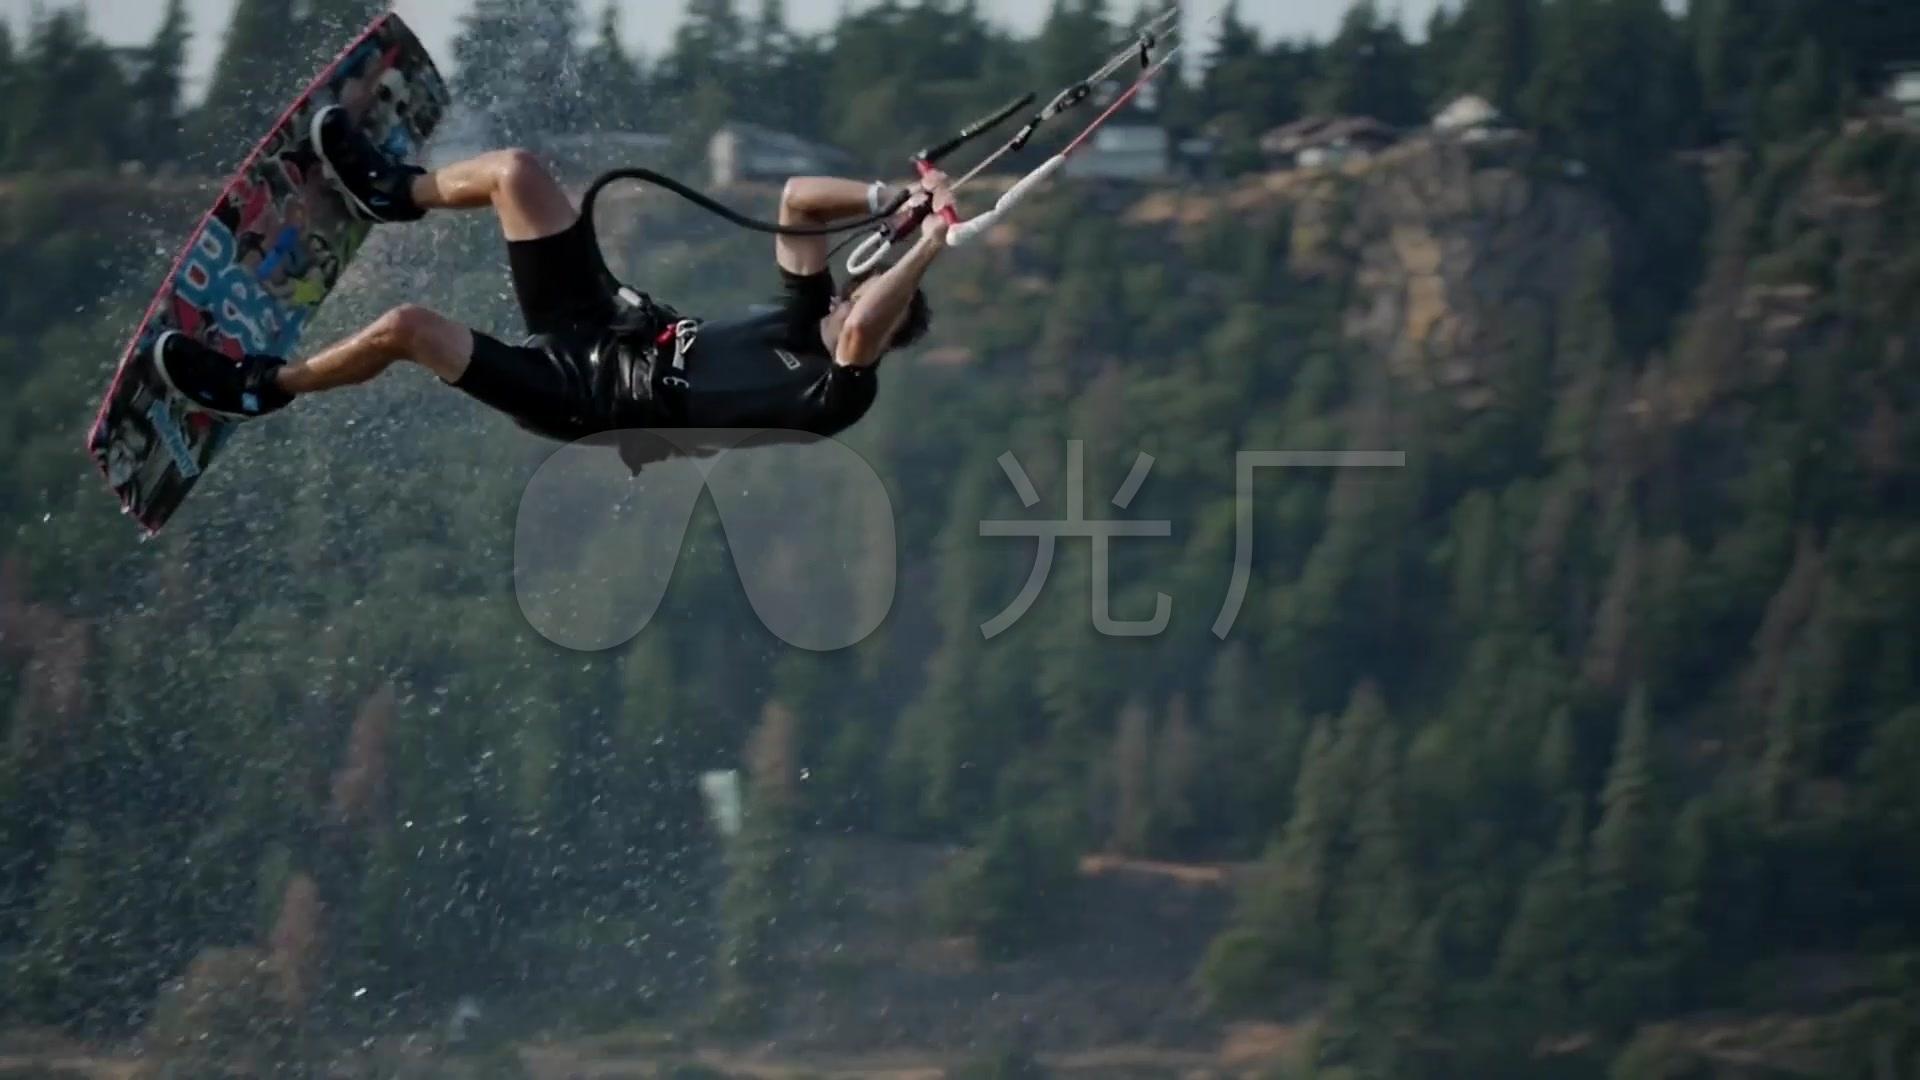 酷炫升格滑板摩托艇冲浪v滑板_1920X1080_高卓玛歌曲视频图片